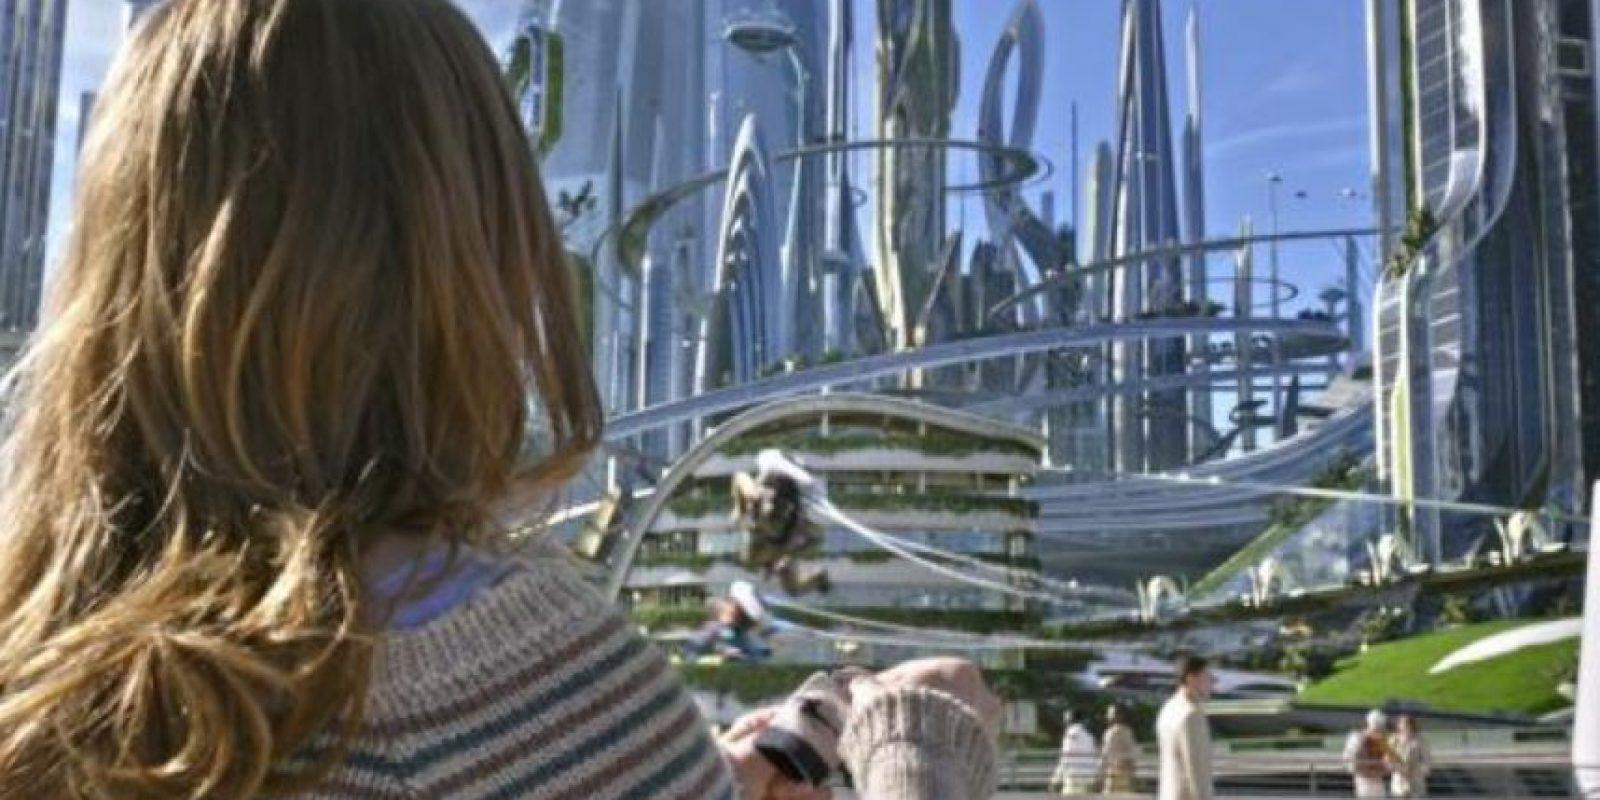 Sólo recaudó 93 millones de 190 que invirtieron para su realización. Foto:Disney